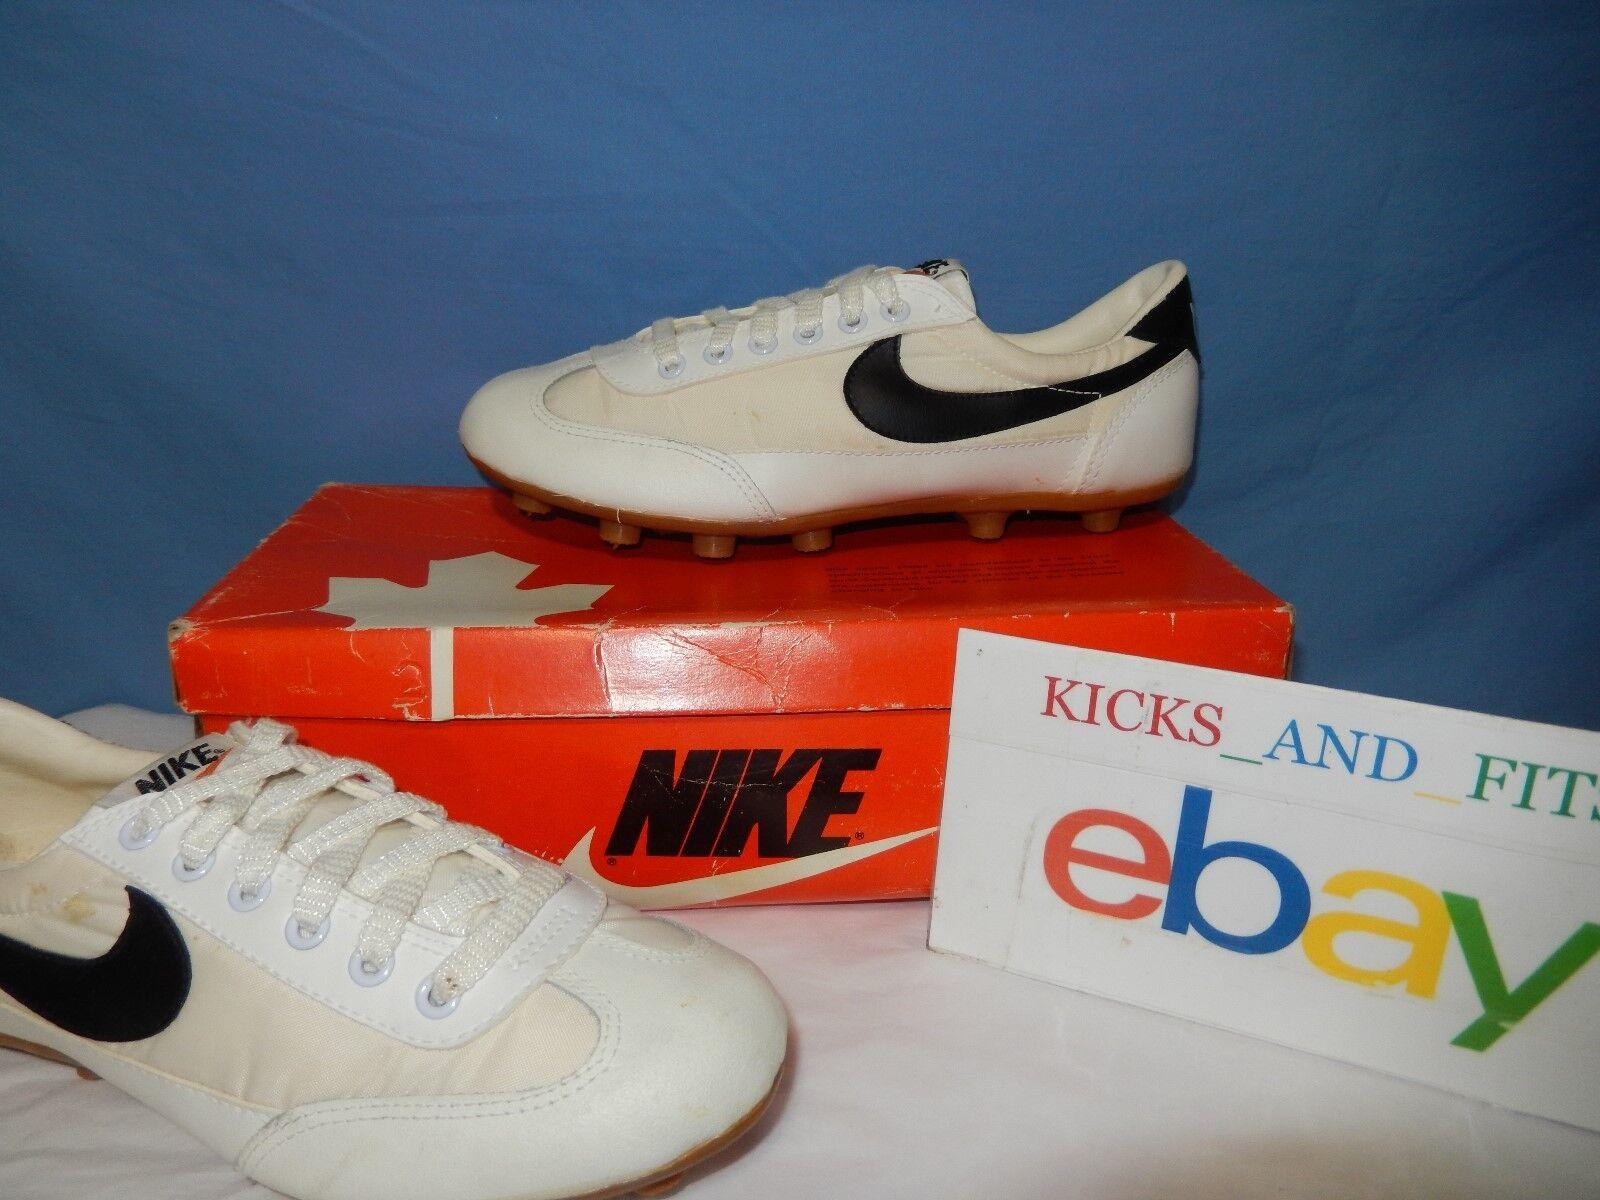 Vtg 1979 Nike Turf Star Soccer chaussures New in Maple Leaf Box Korea Original OG